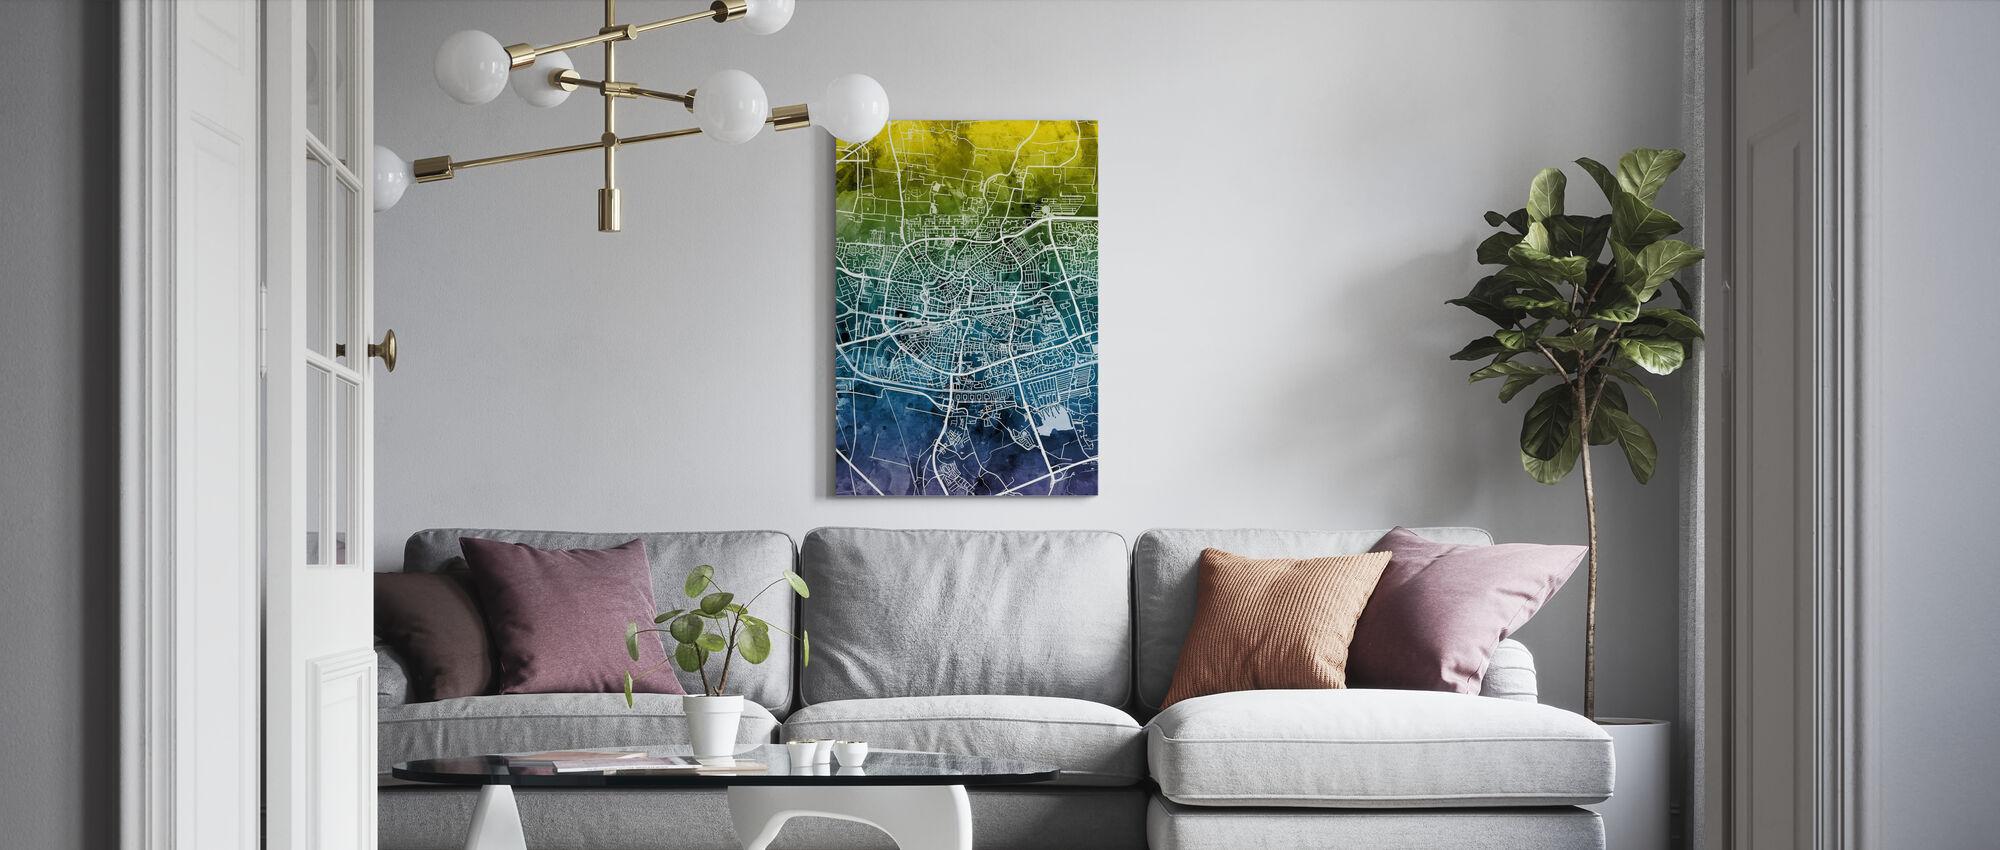 Stadtplan von Leeuwarden Niederlande - Leinwandbild - Wohnzimmer